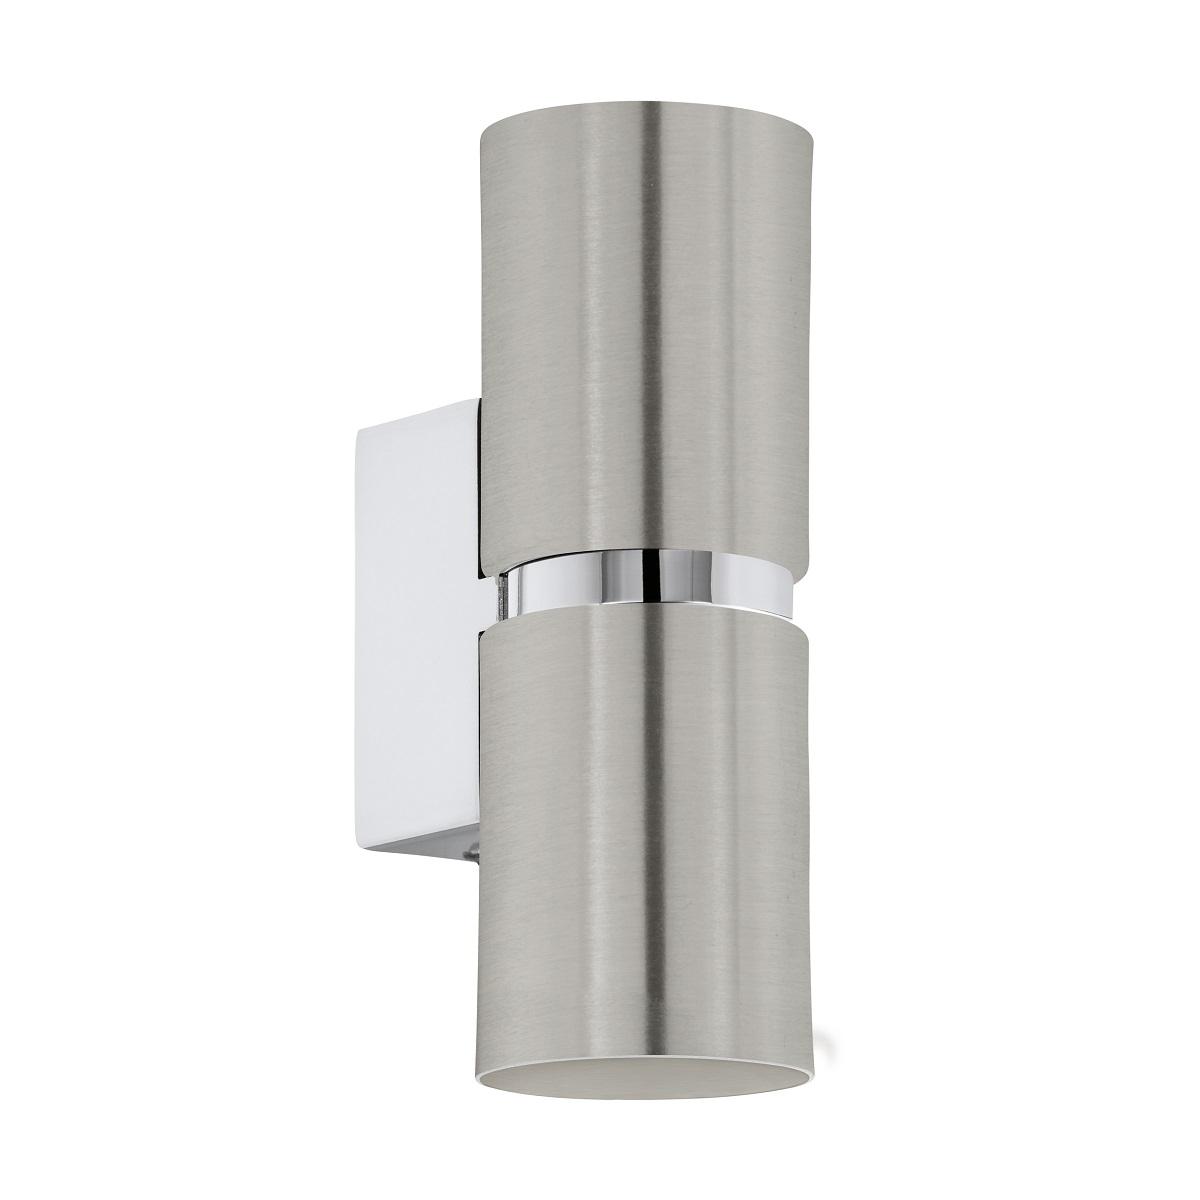 EGLO LED Downlight WL-2 GU10 Ø60 NICKEL-M-CHROM PASSA, Chrom/metallisch, Stahl, 96261